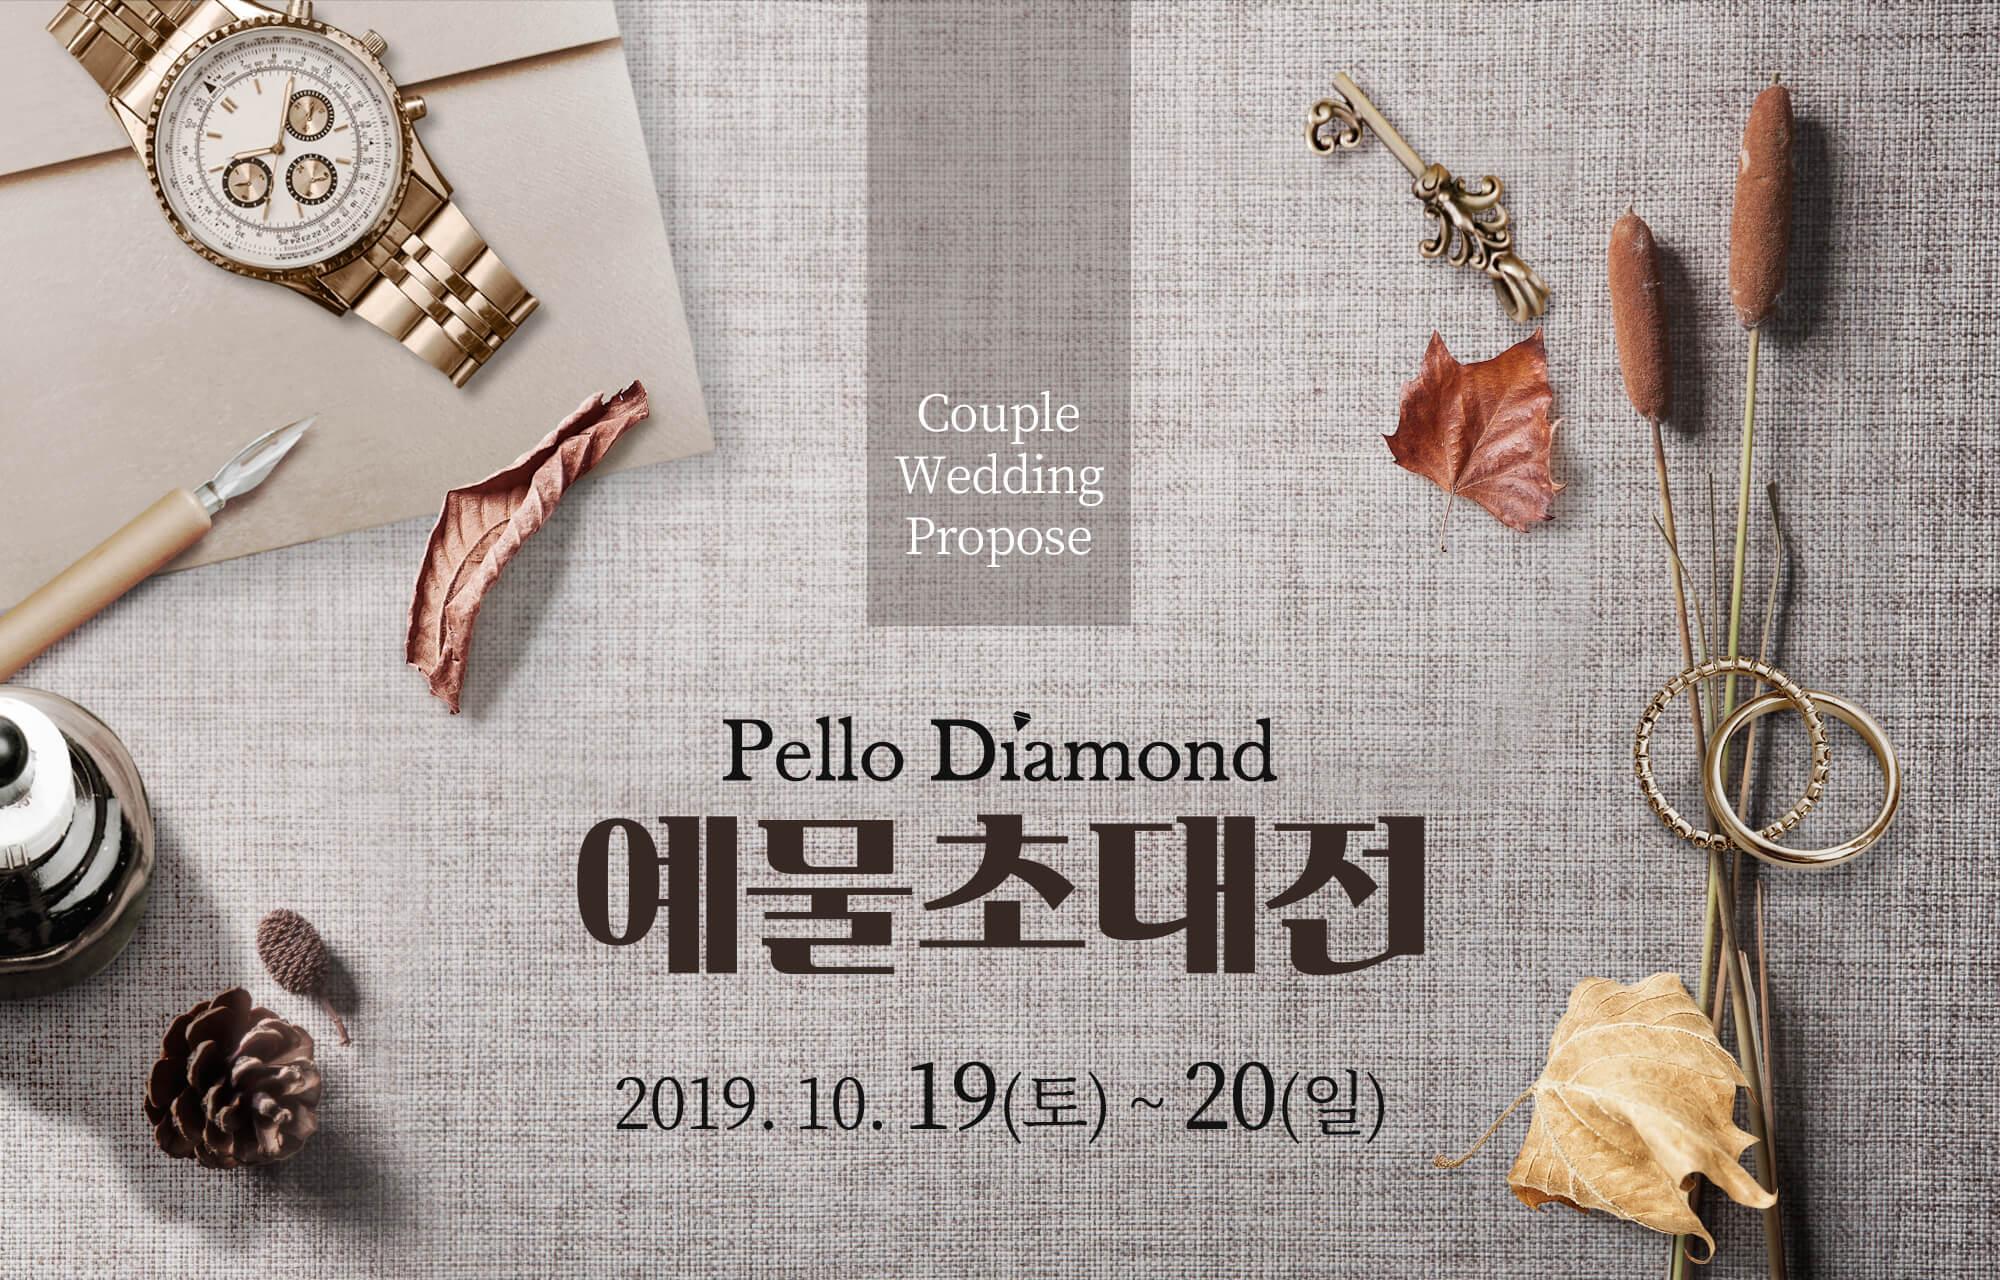 인천예물 펠로다이아몬드 예물초대전